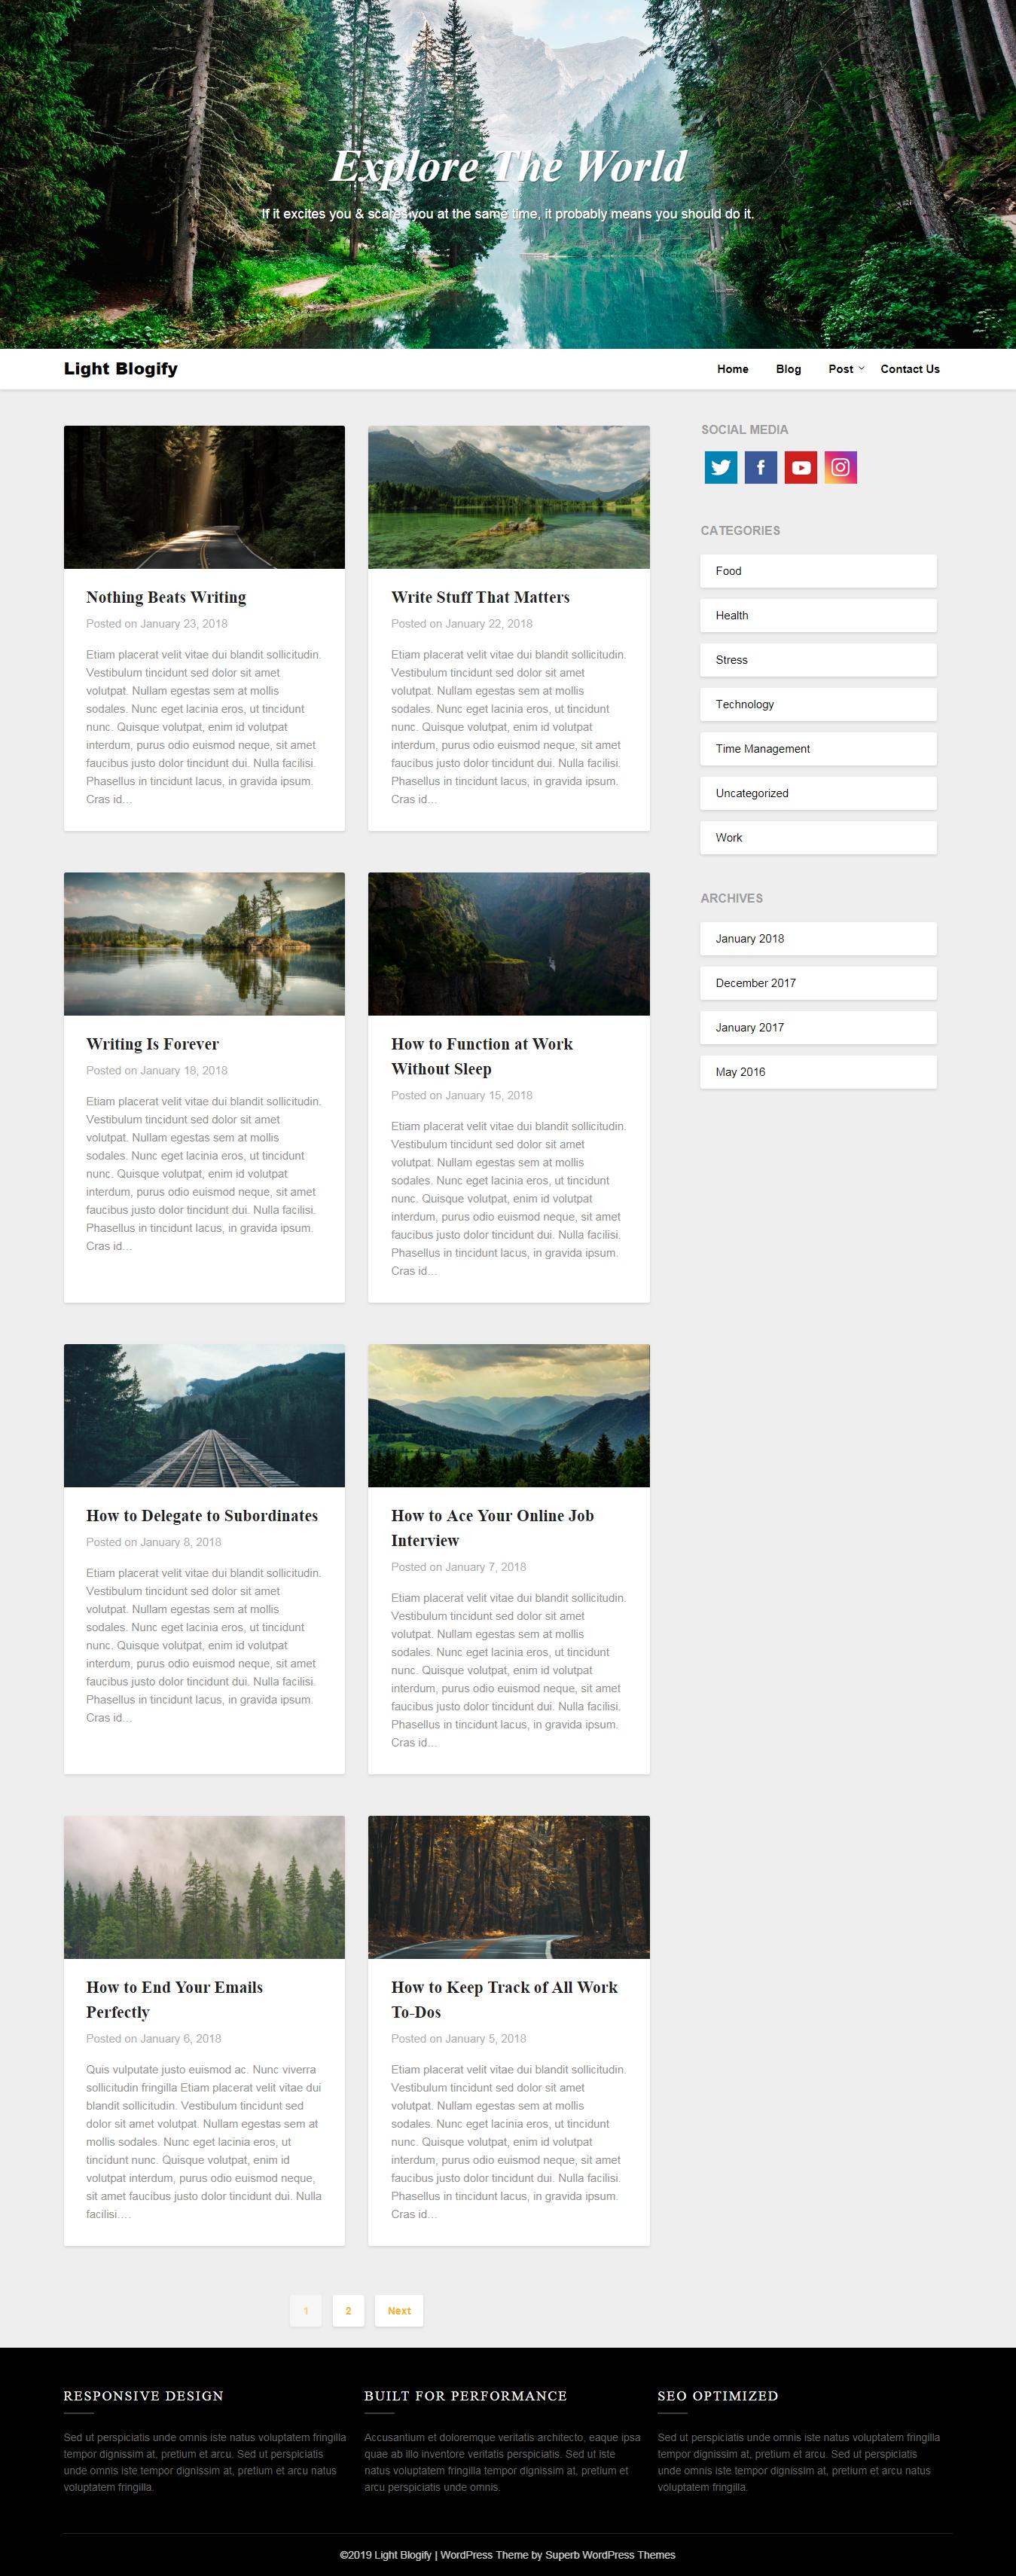 Light Blogify - El mejor tema de WordPress de revisión gratuita